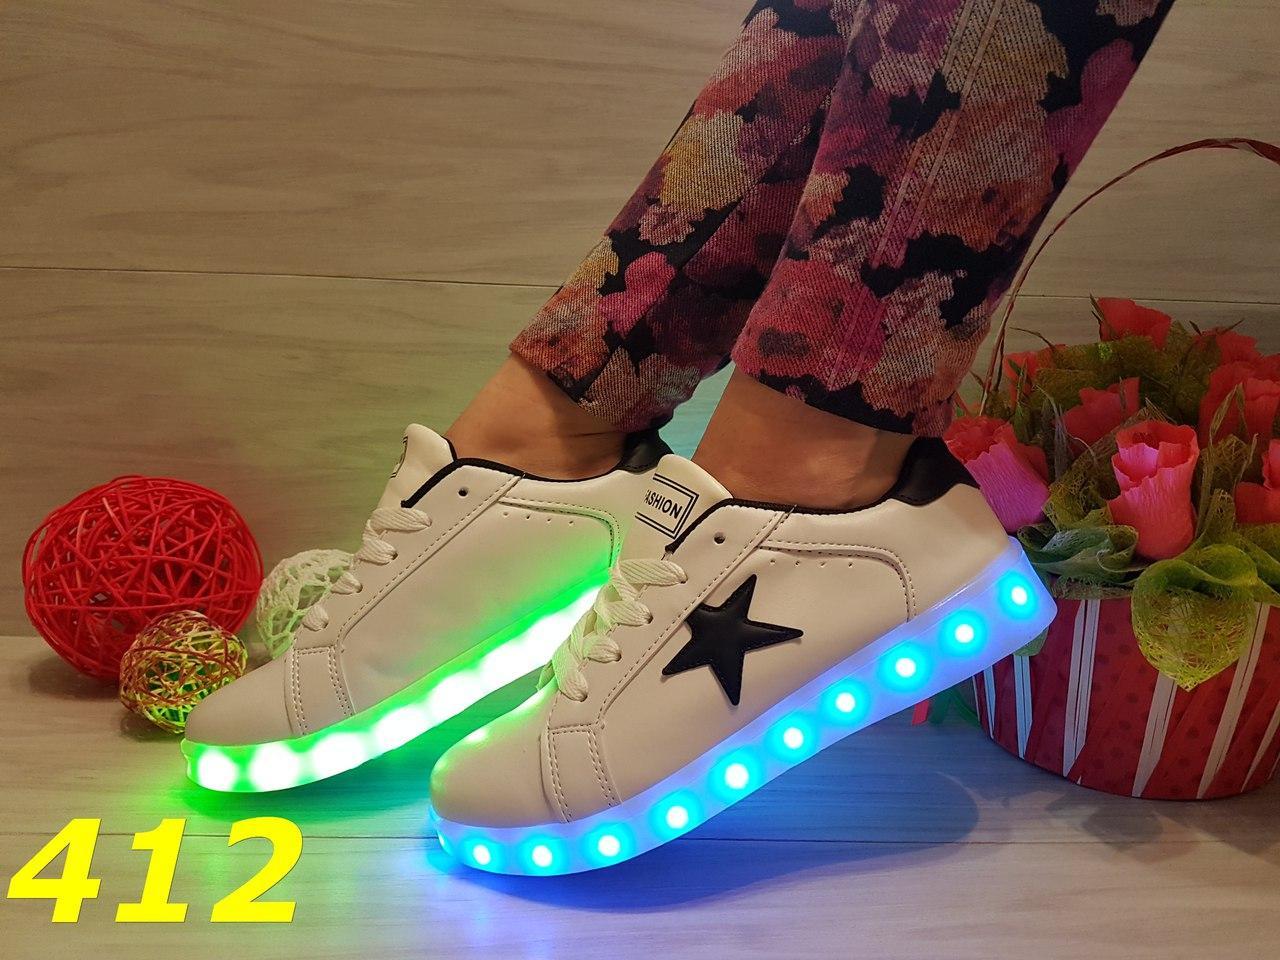 Кроссовки женские со светящей LED подошвой зарядка USB кабелем белые